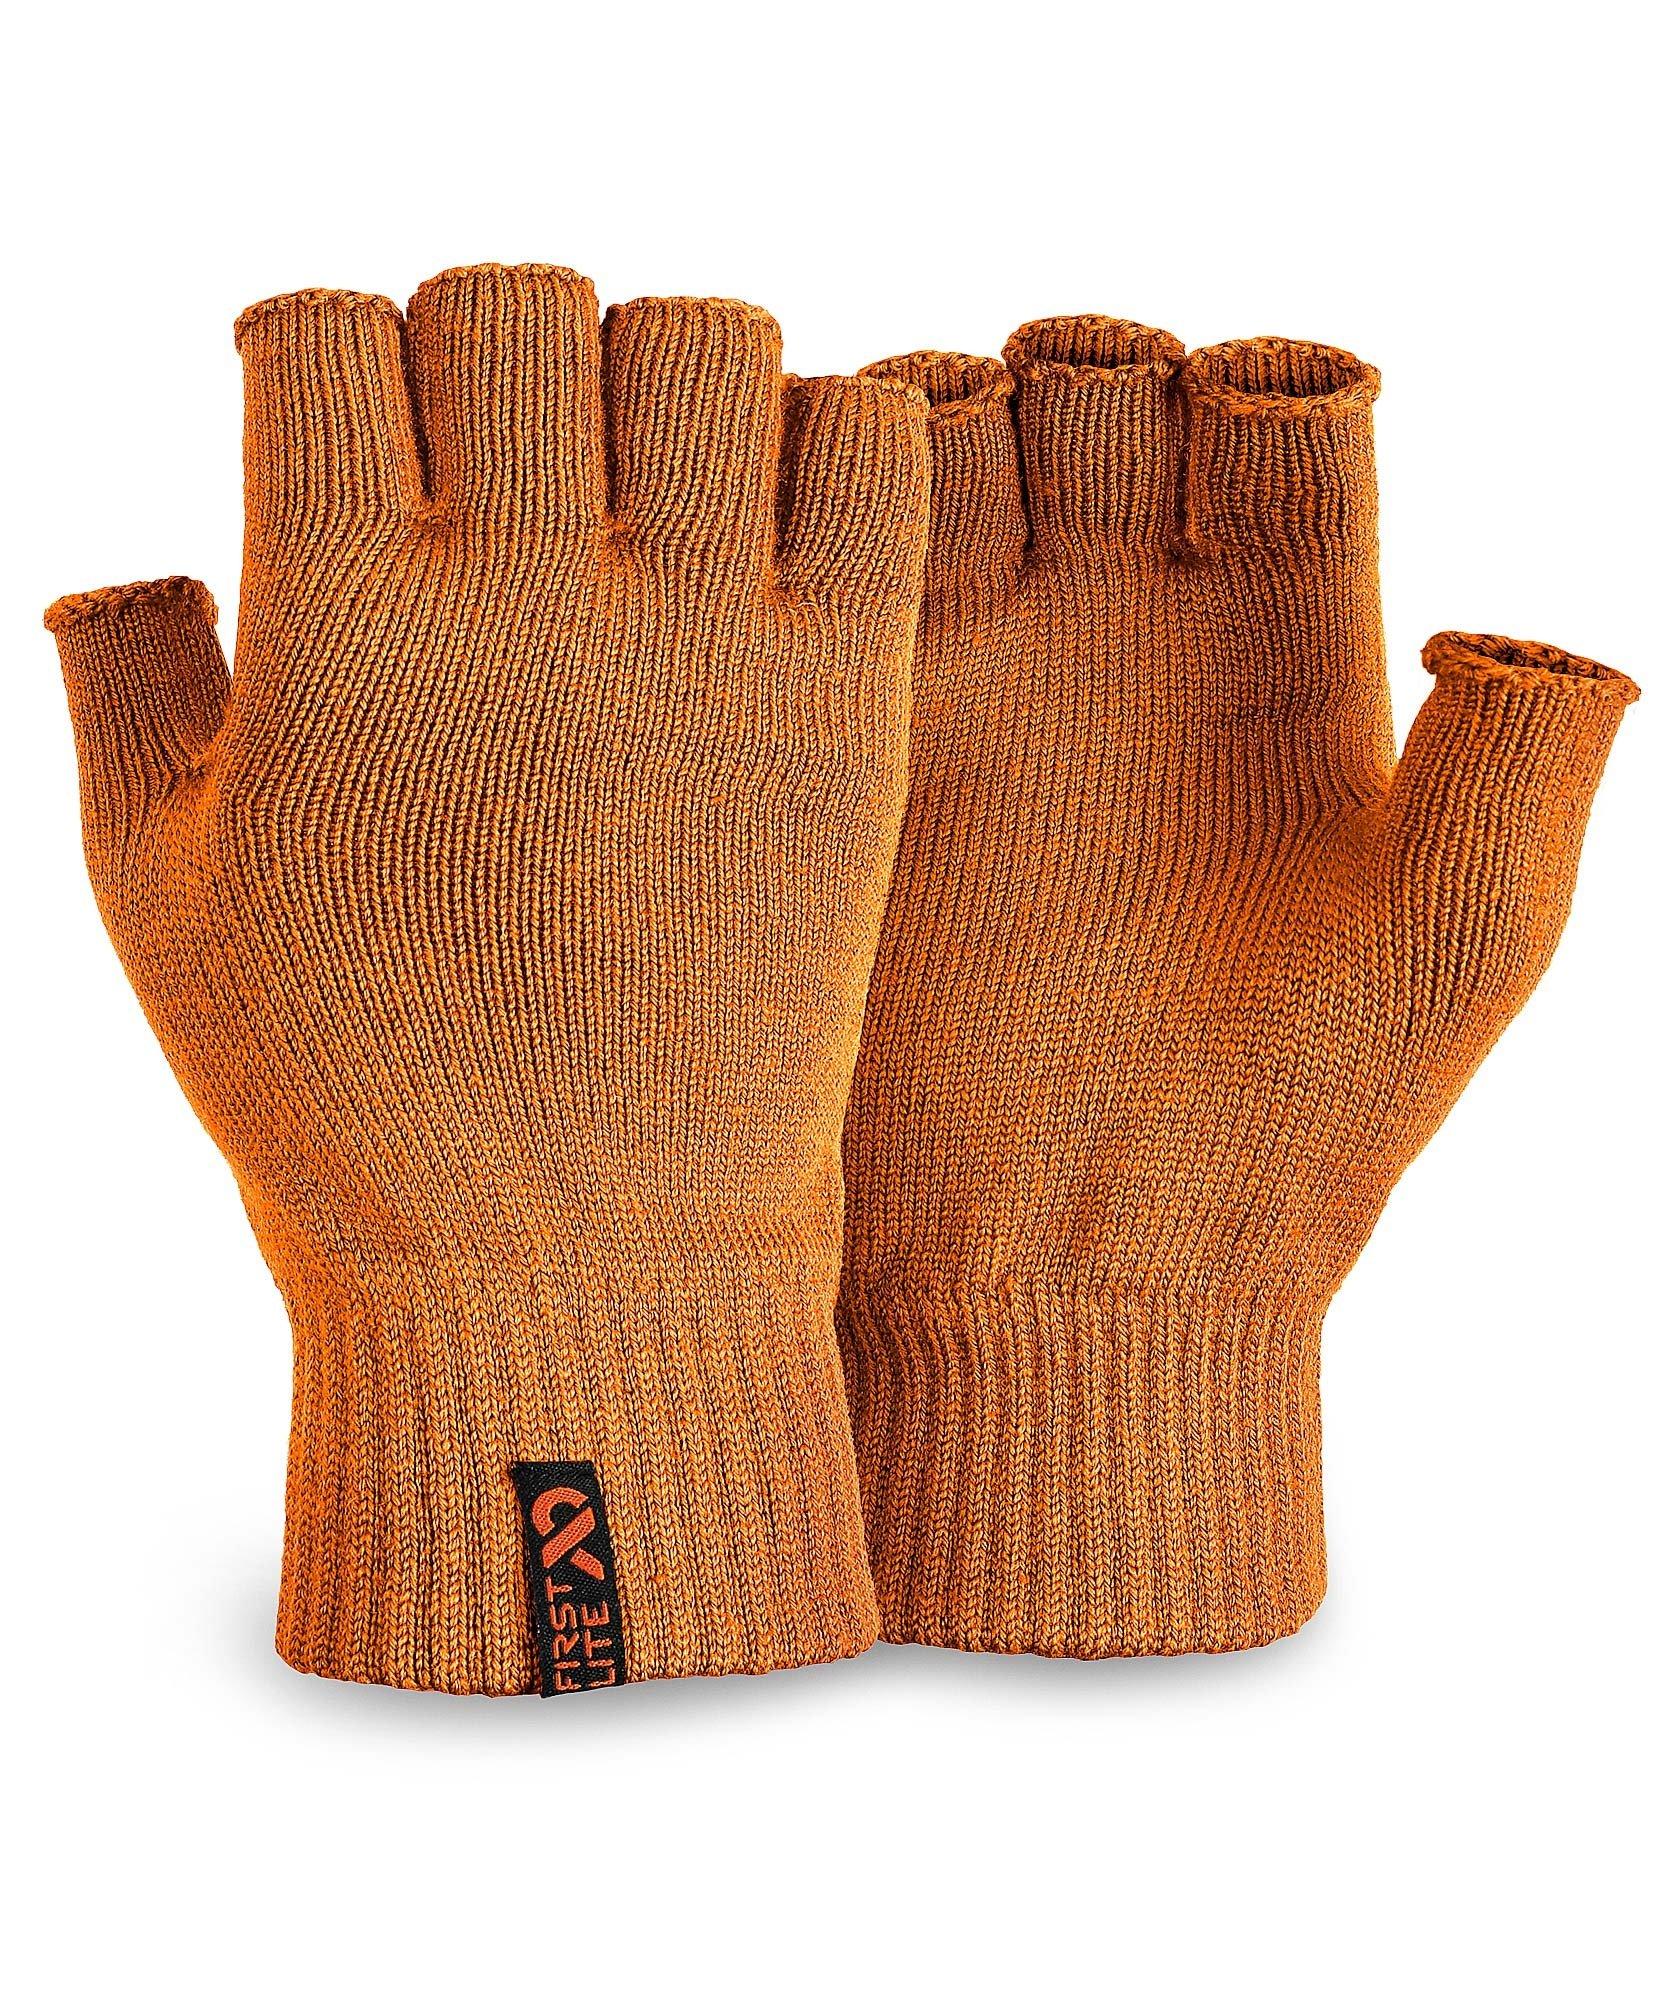 First Lite - Talus Fingerless Merino Glove in Hunter Orange SM - Hunters Orange by First Lite